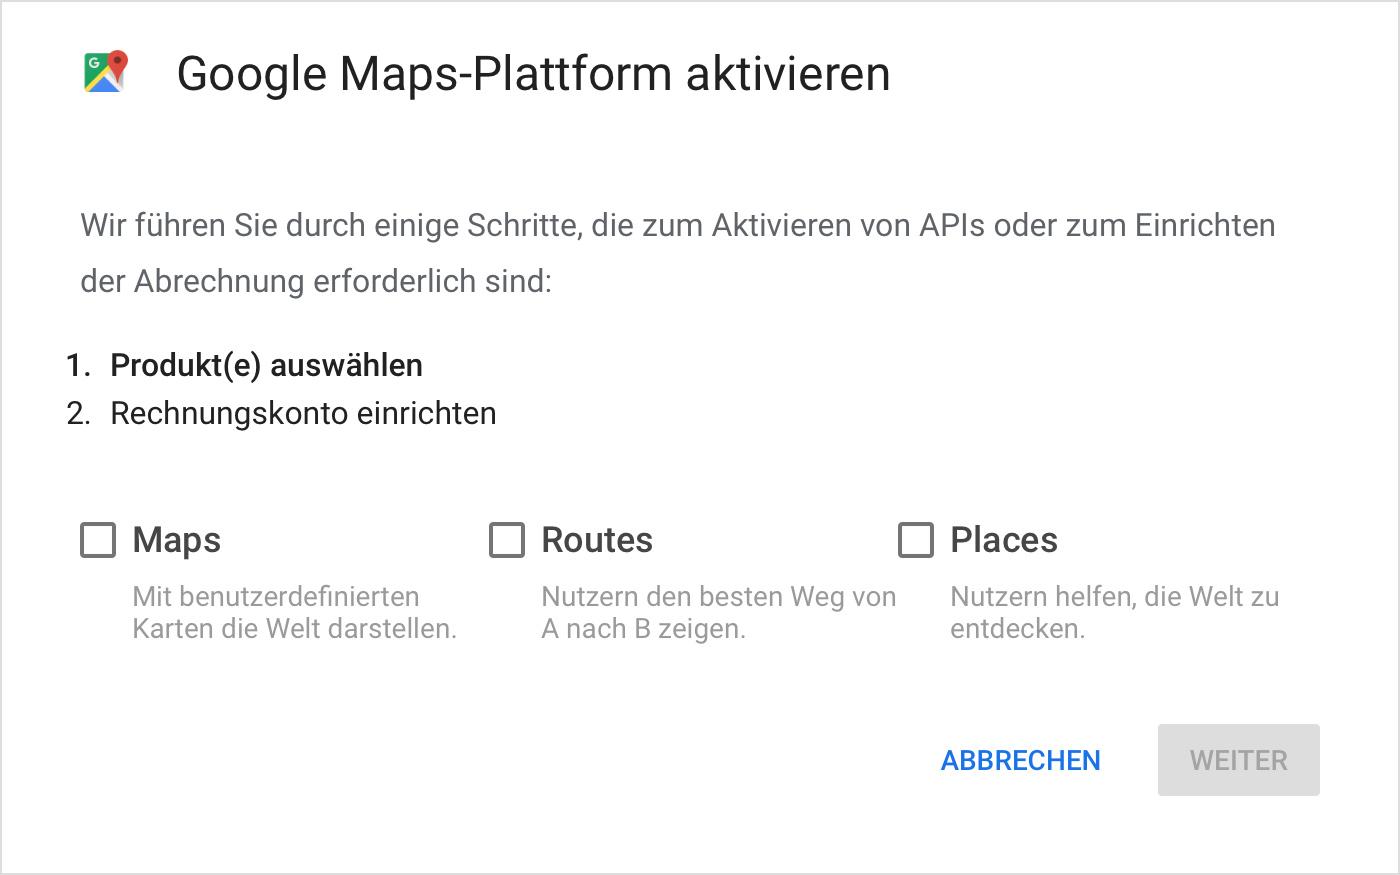 Google Maps wird nicht mehr angezeigt: Infos zu API und ...